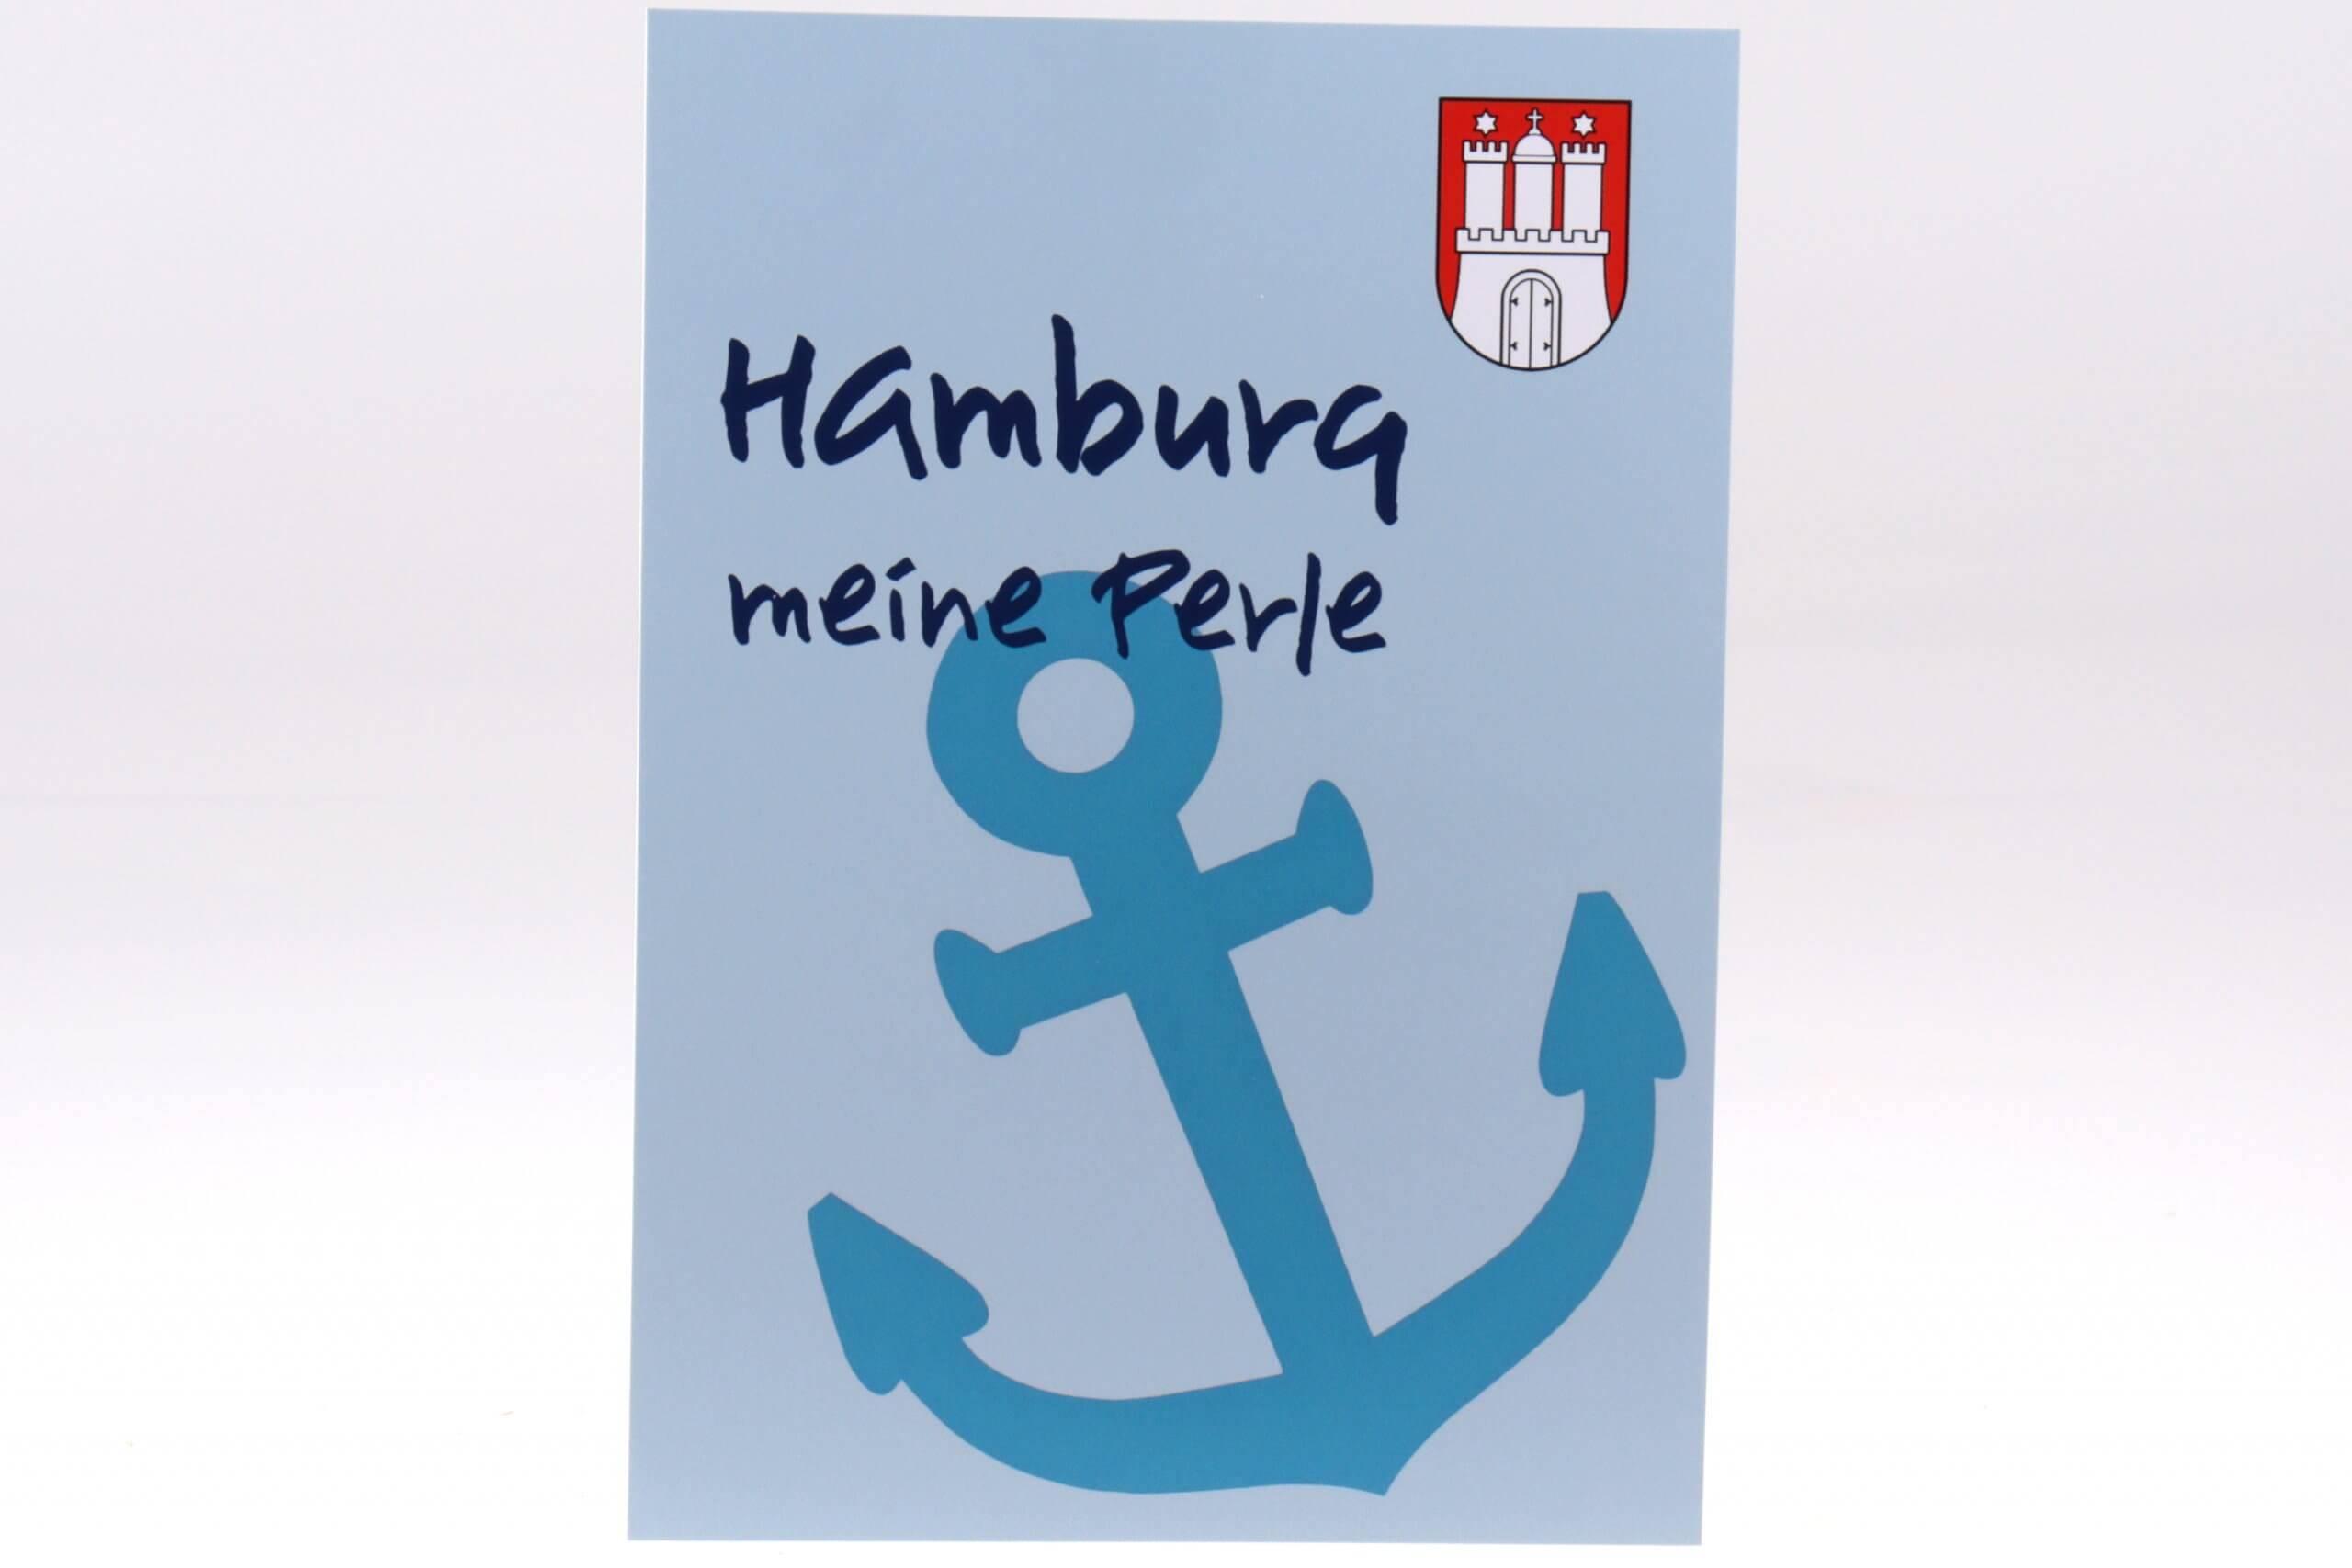 Hamburg meine Perle Grusskarte von feinjemacht